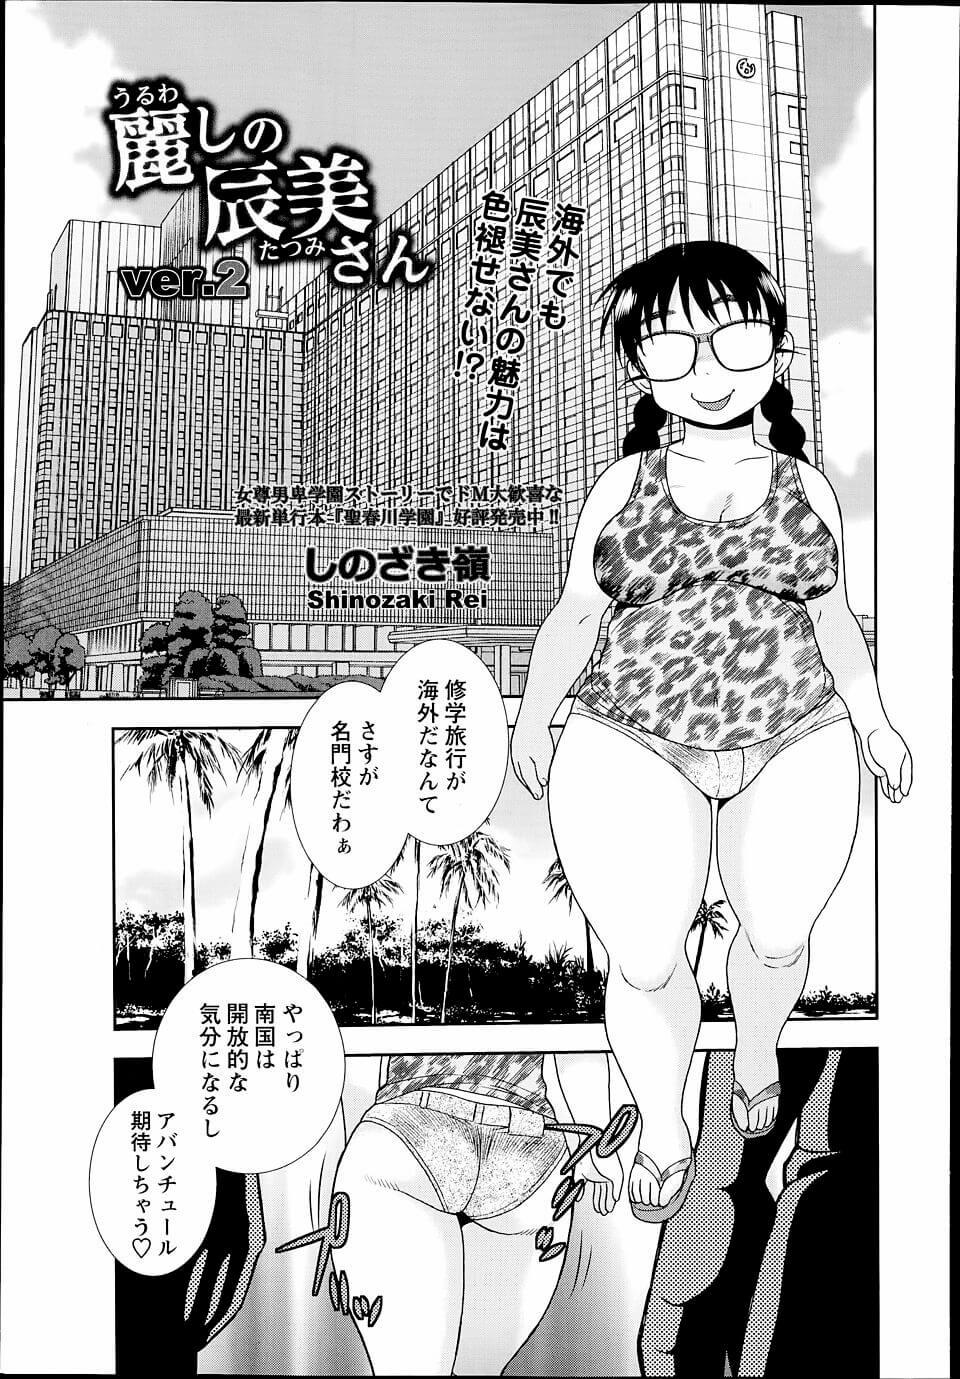 【エロ漫画】修学旅行で海外の街を歩いている巨乳眼鏡っ子なぽっちゃりJKは、黒人の男たちからナンパされそのままホテルへ。【無料 エロ同人】 (1)